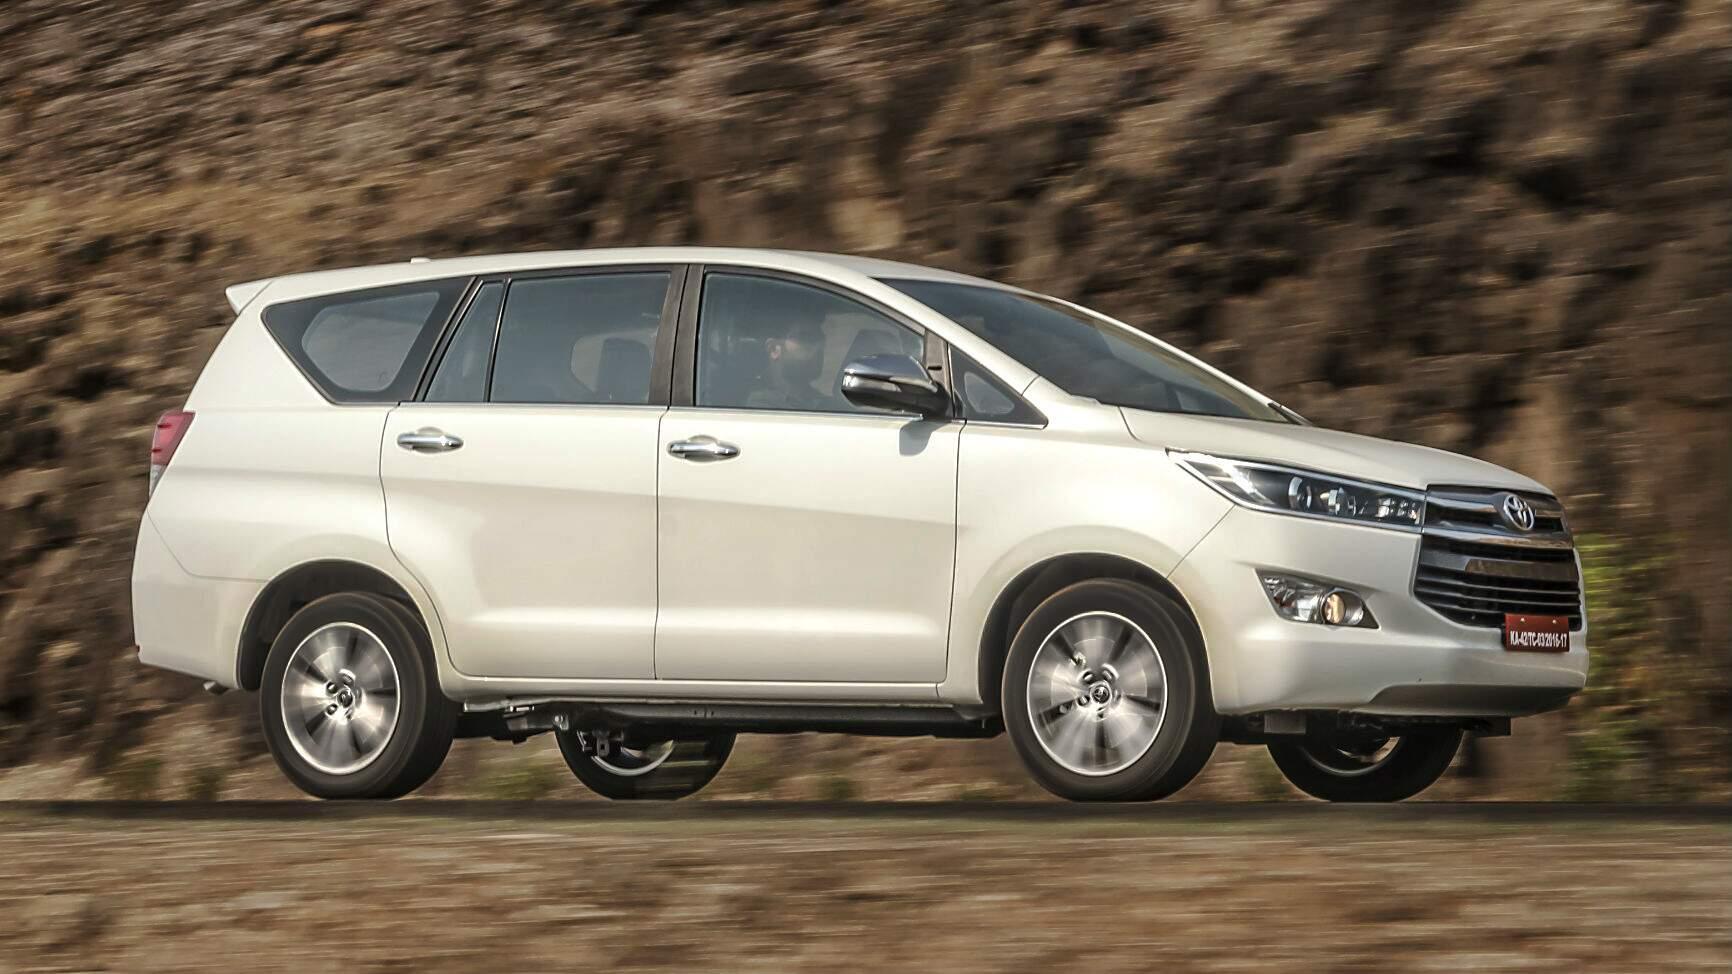 Napuštaju dizel? 82% isporučenih Toyota u Indiji tokom 2019. godine koriste dizel